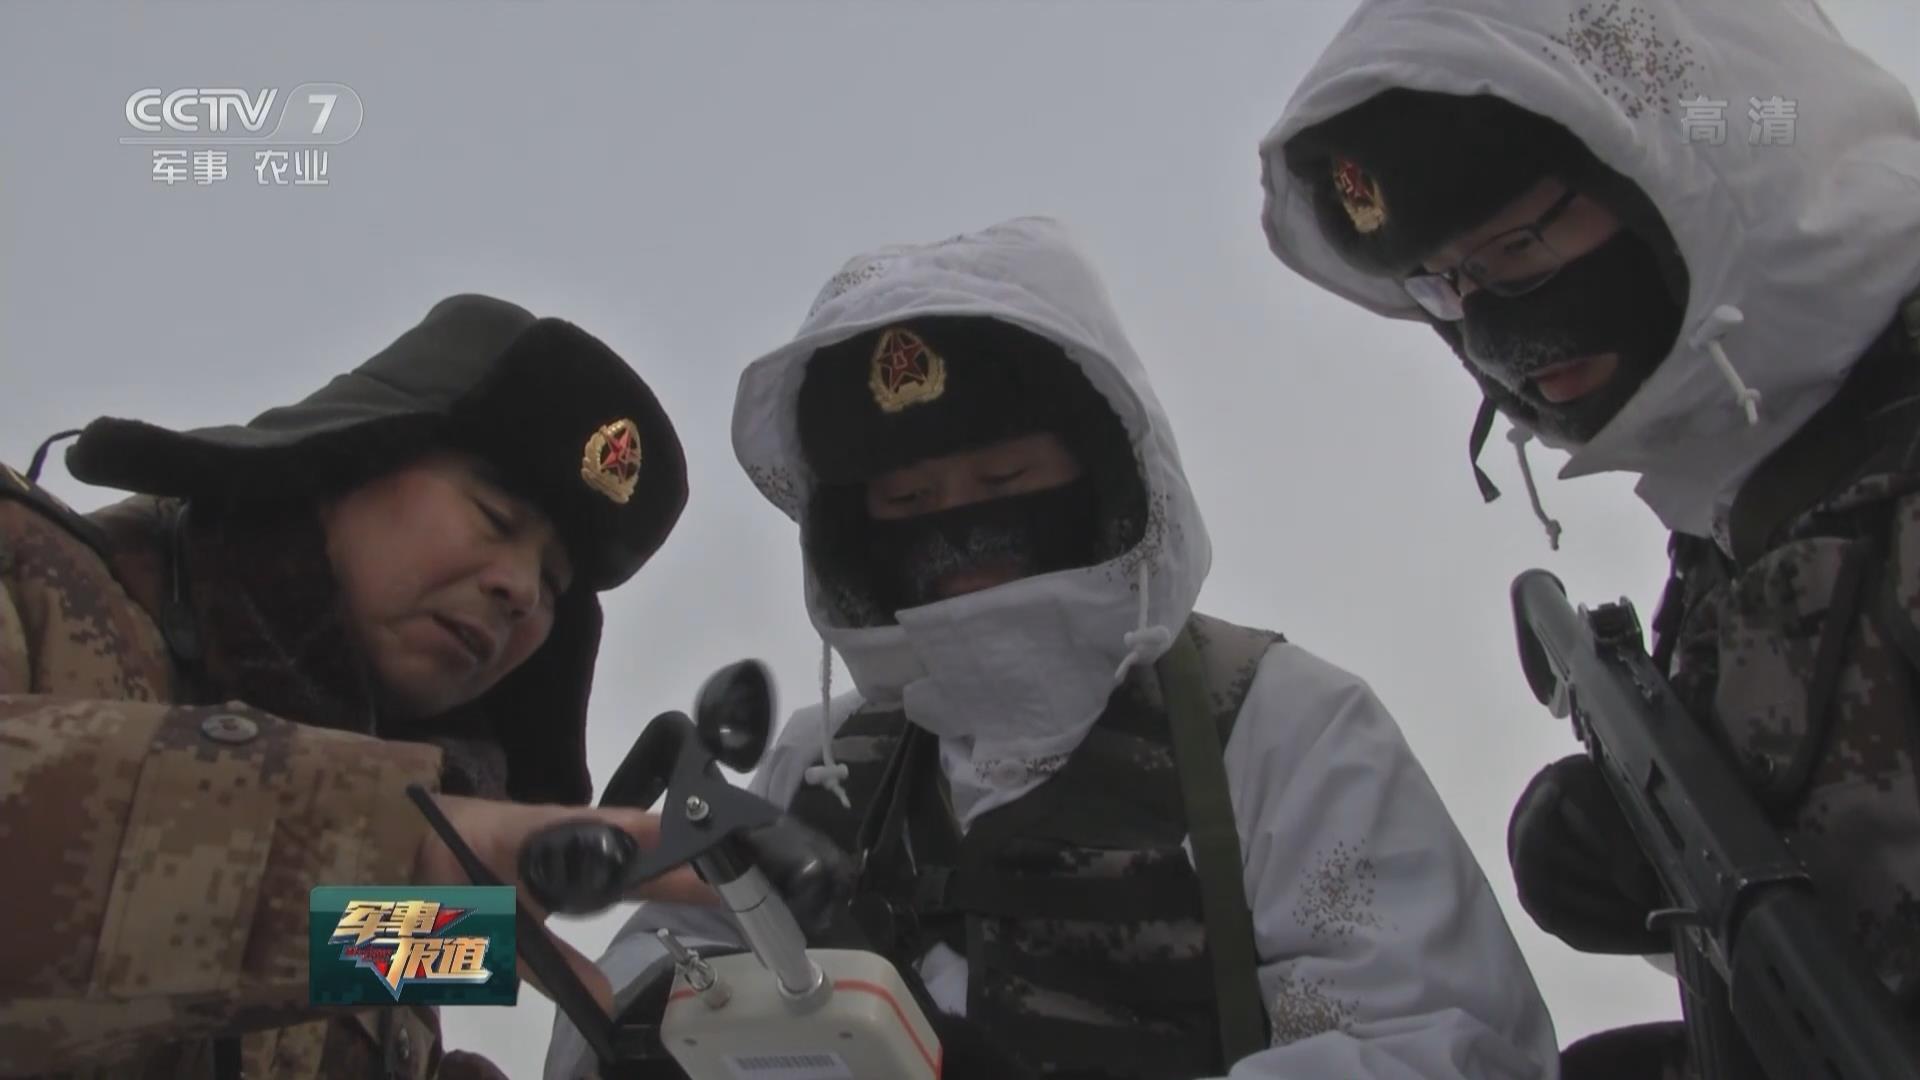 新型冷強度監測預警儀配備駐寒區部隊